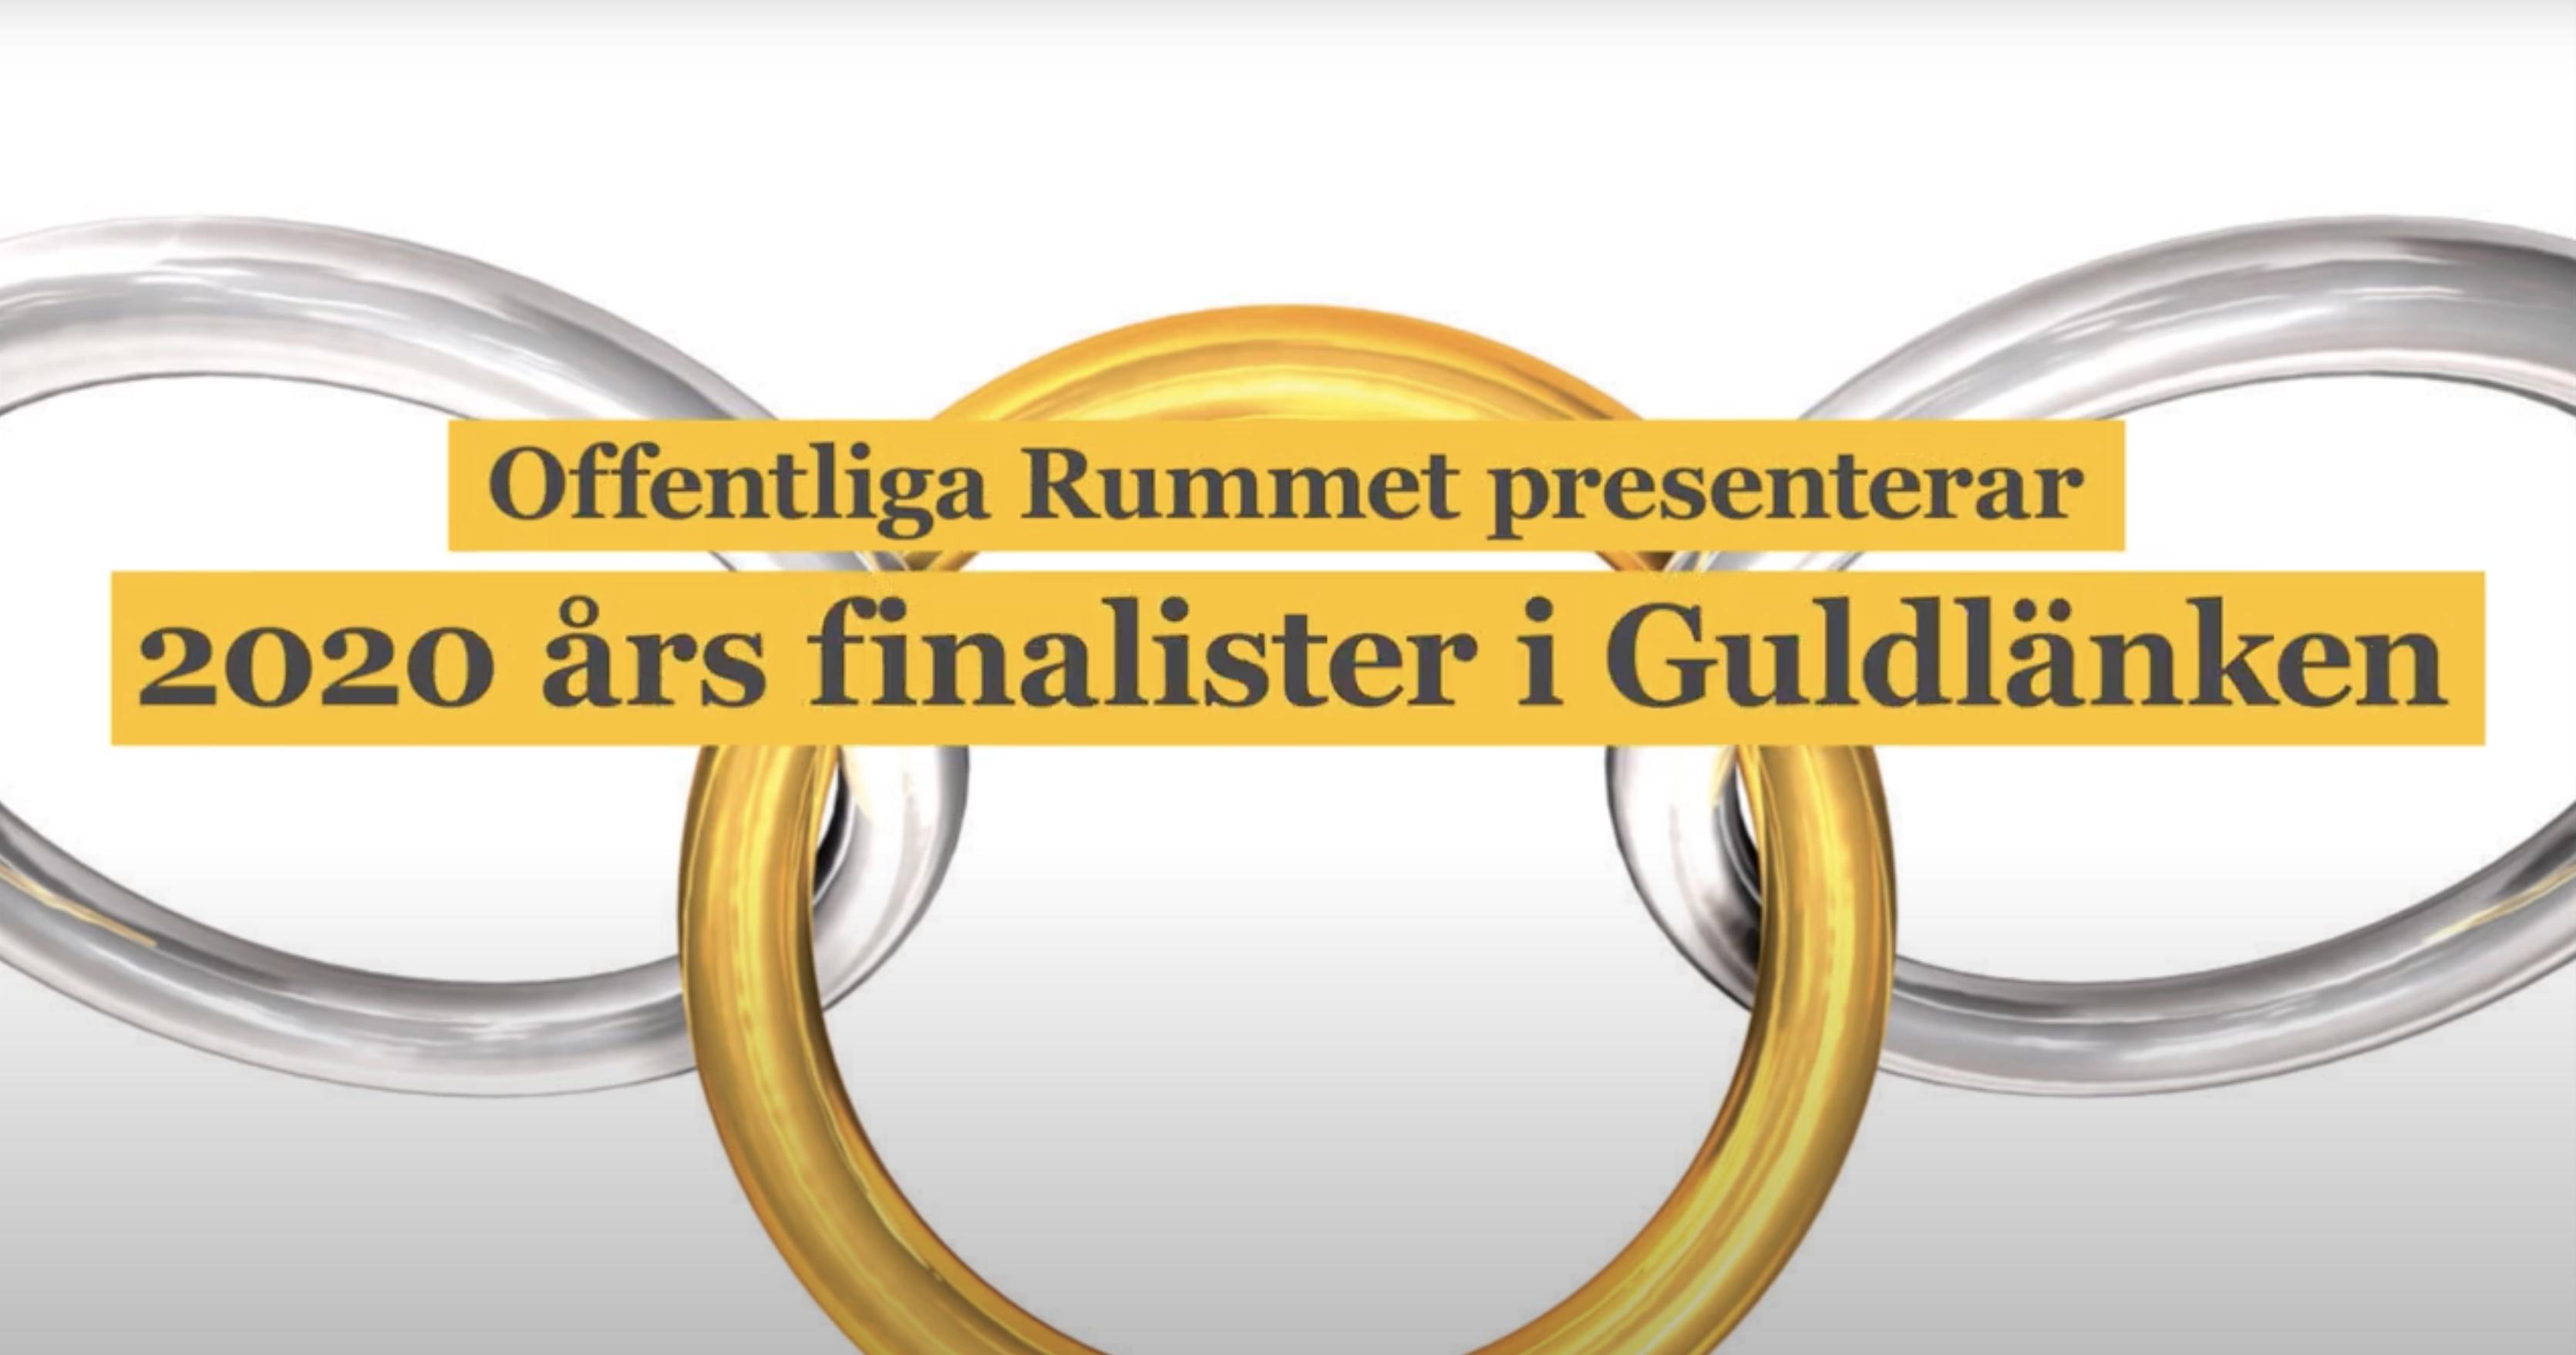 Bild av tre länkar, den mittersta i guld. Text över bilden: Offentliga rummet presenterar finalister i Guldlänken